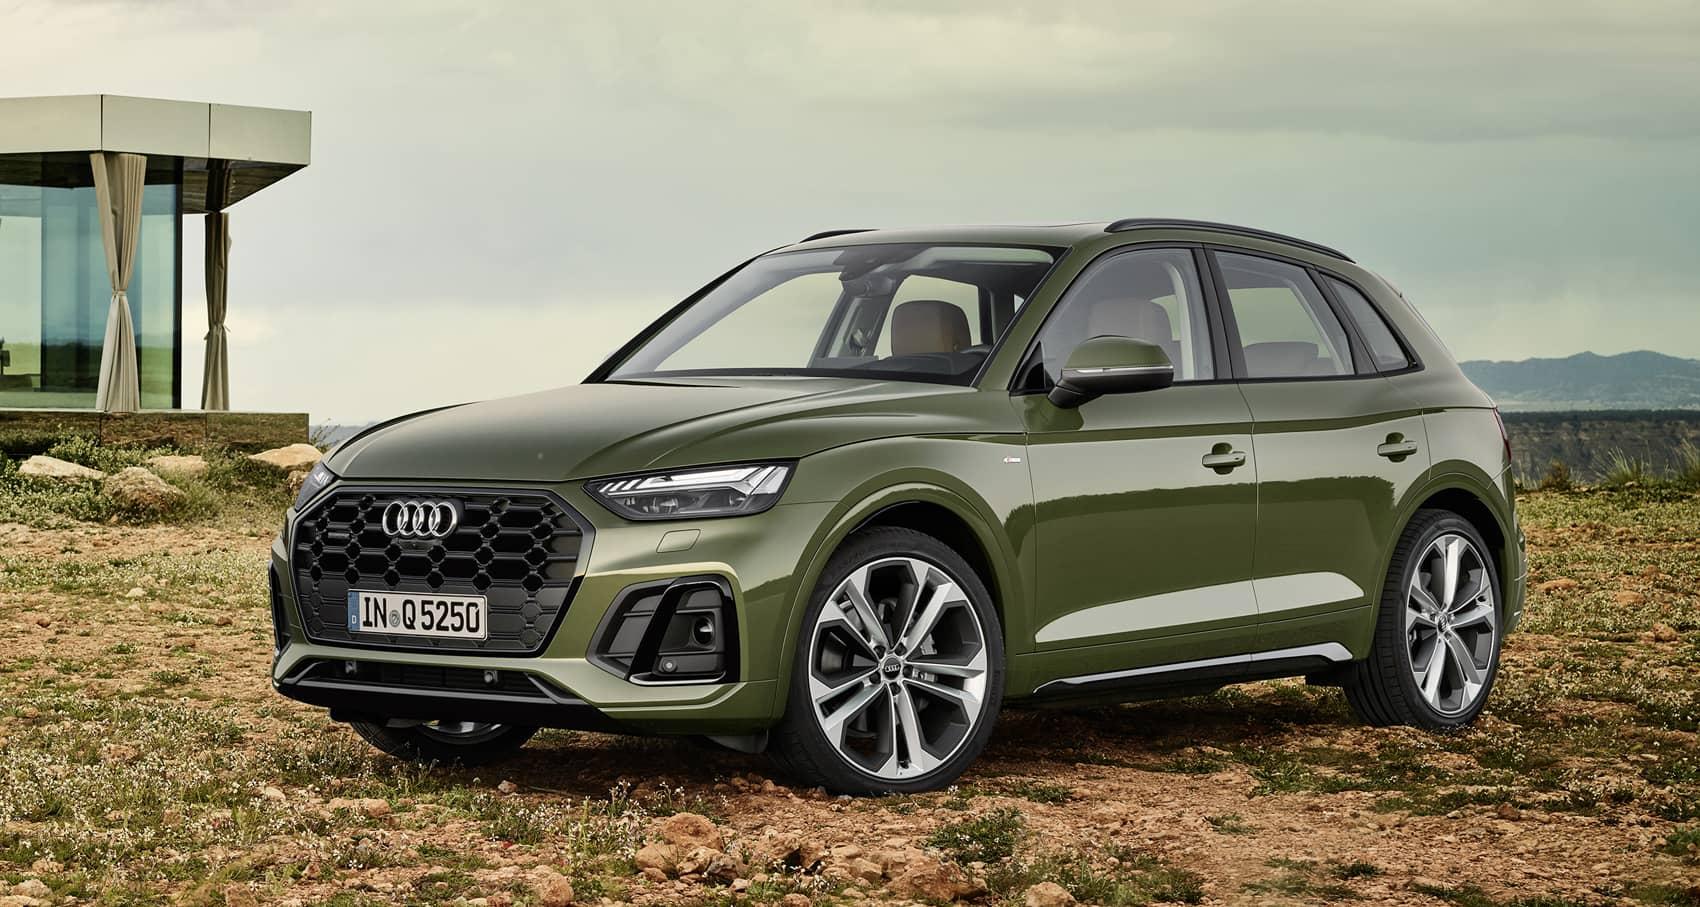 Precios Audi Q5 2021 Descubre Las Ofertas Del Audi Q5 Qué Coche Me Compro